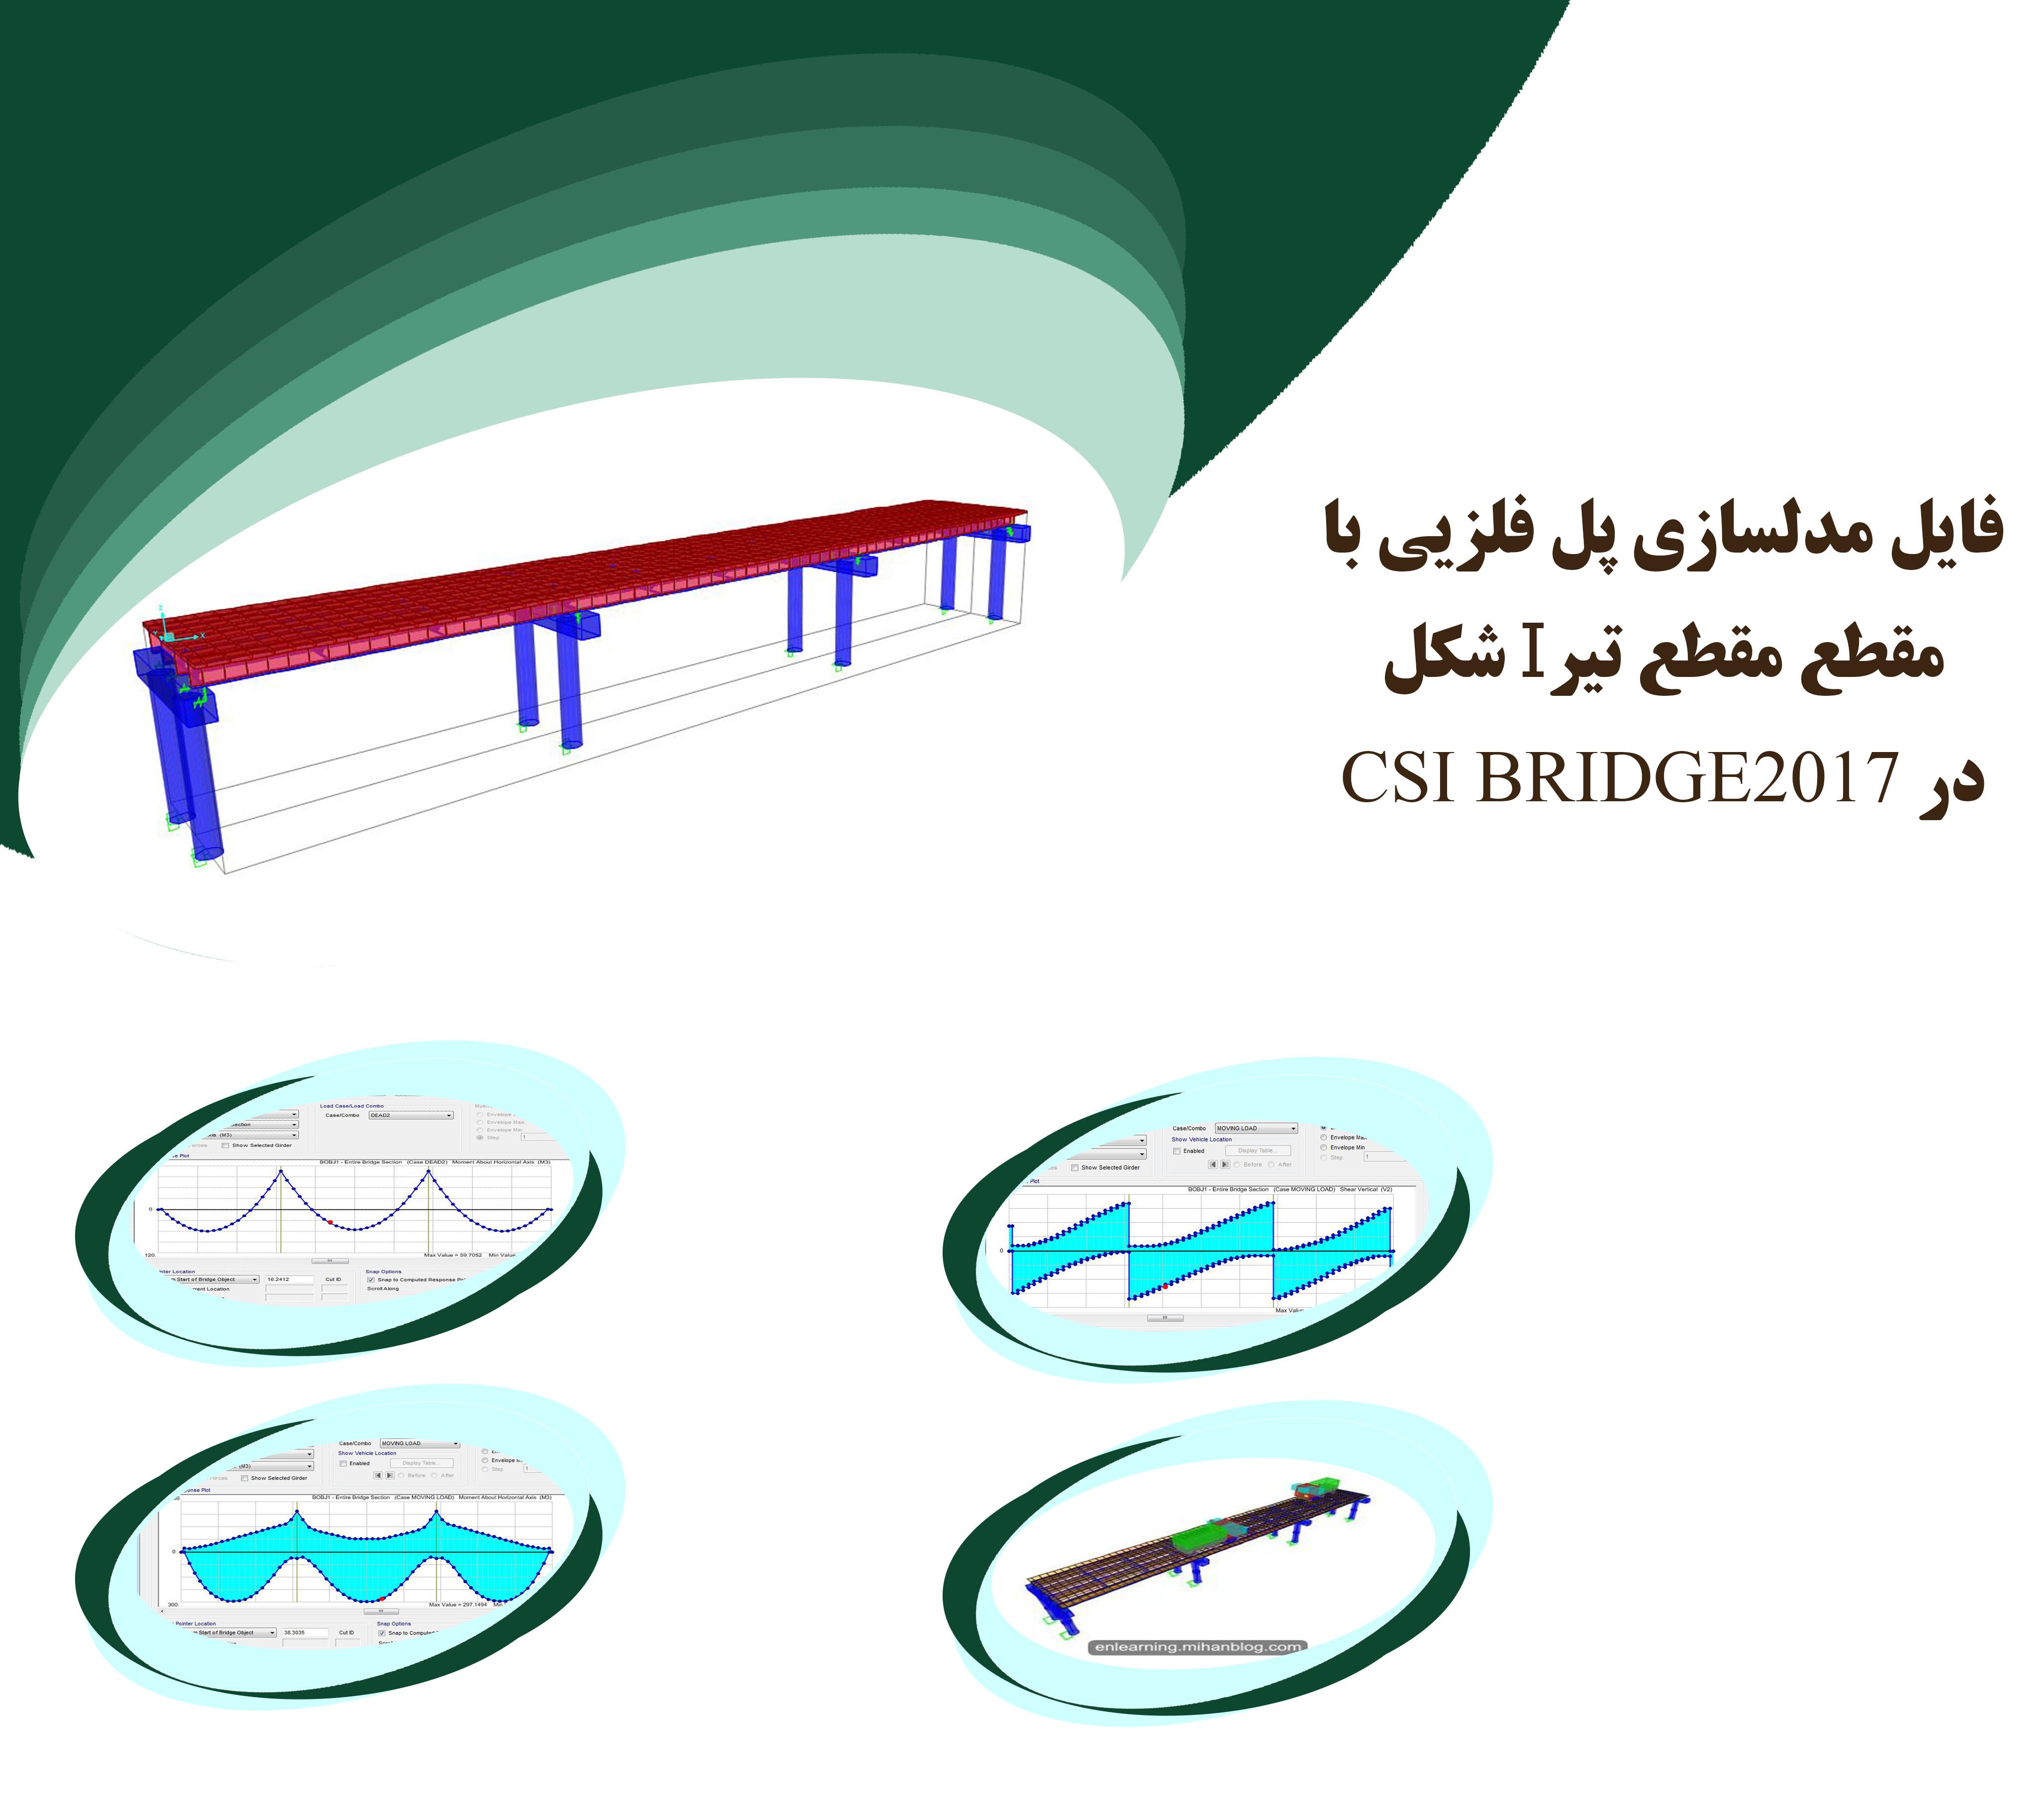 دانلود فایل مدلسازی پل فلزی با مقطع I شکل در CSI BRIDGE 2017